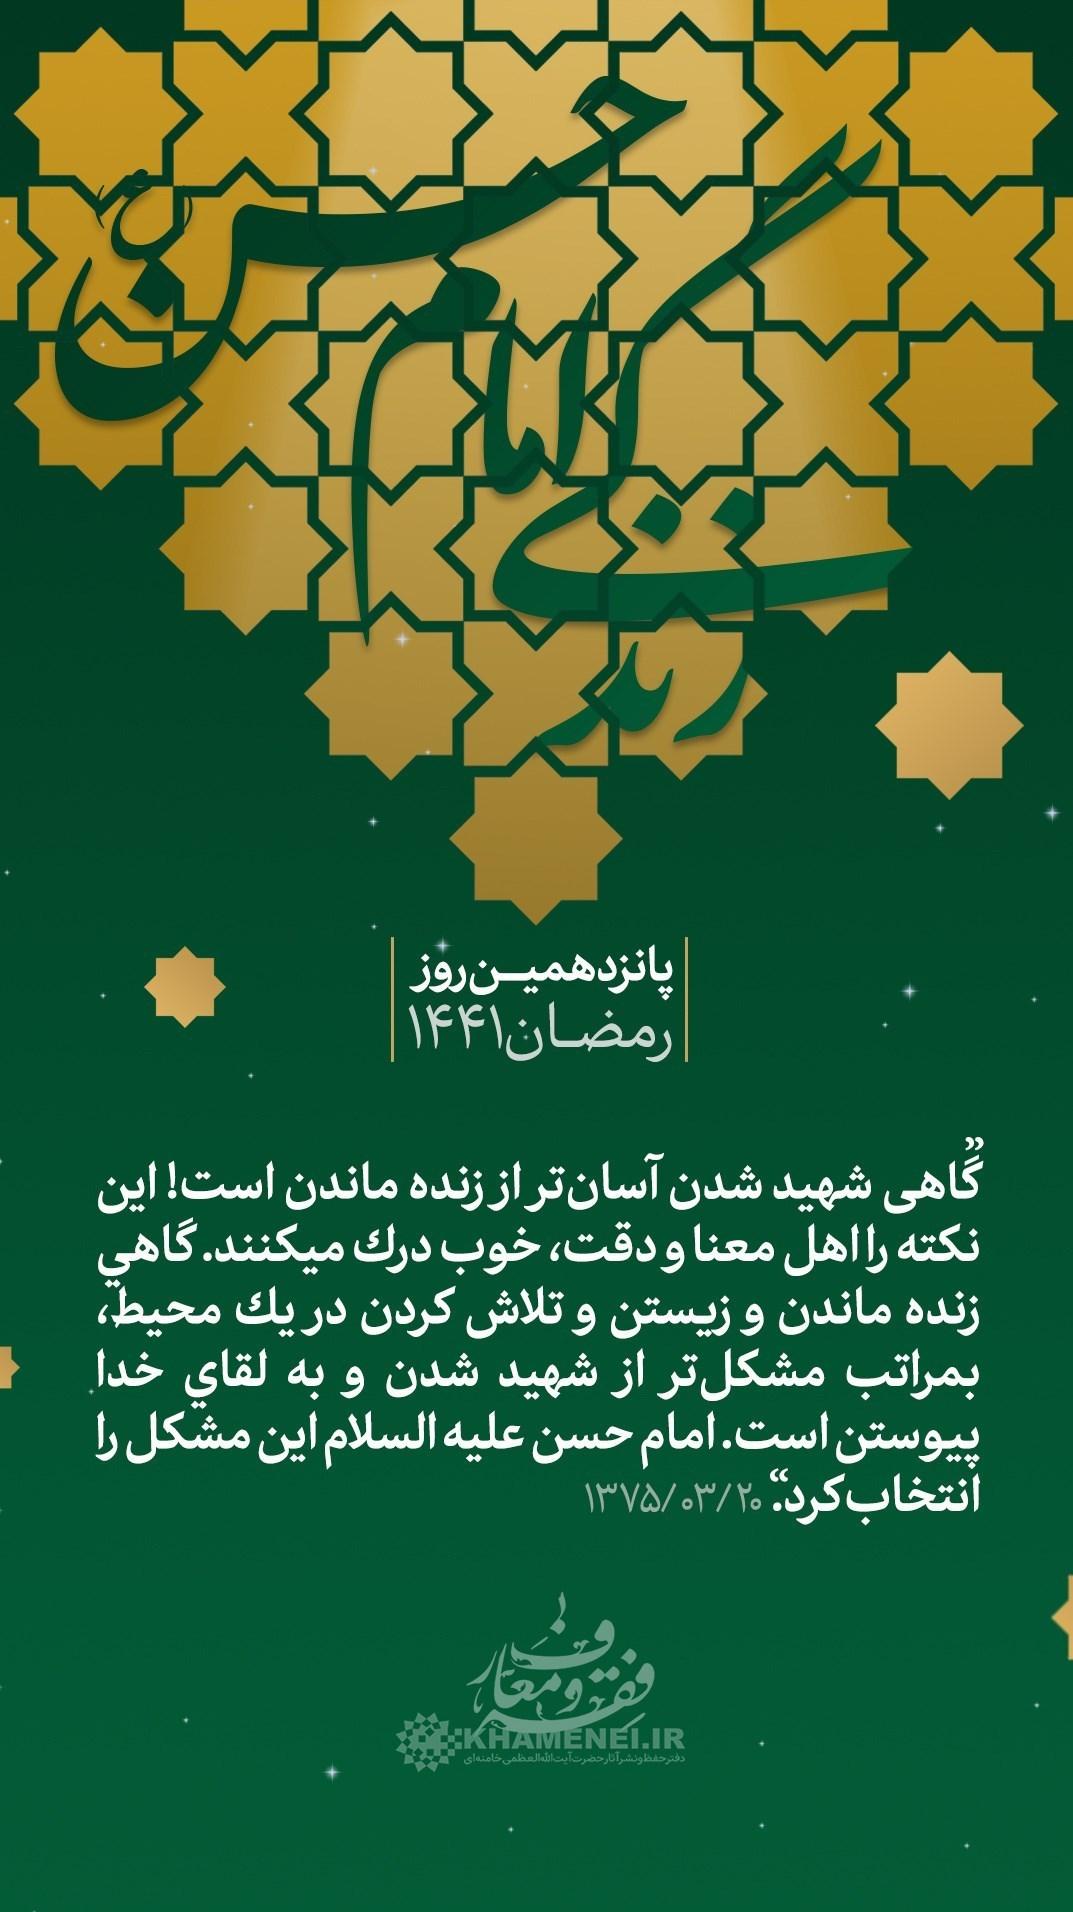 پوستر , هنرهای تجسمی , عکس , امام خامنهای , ماه مبارک رمضان ,